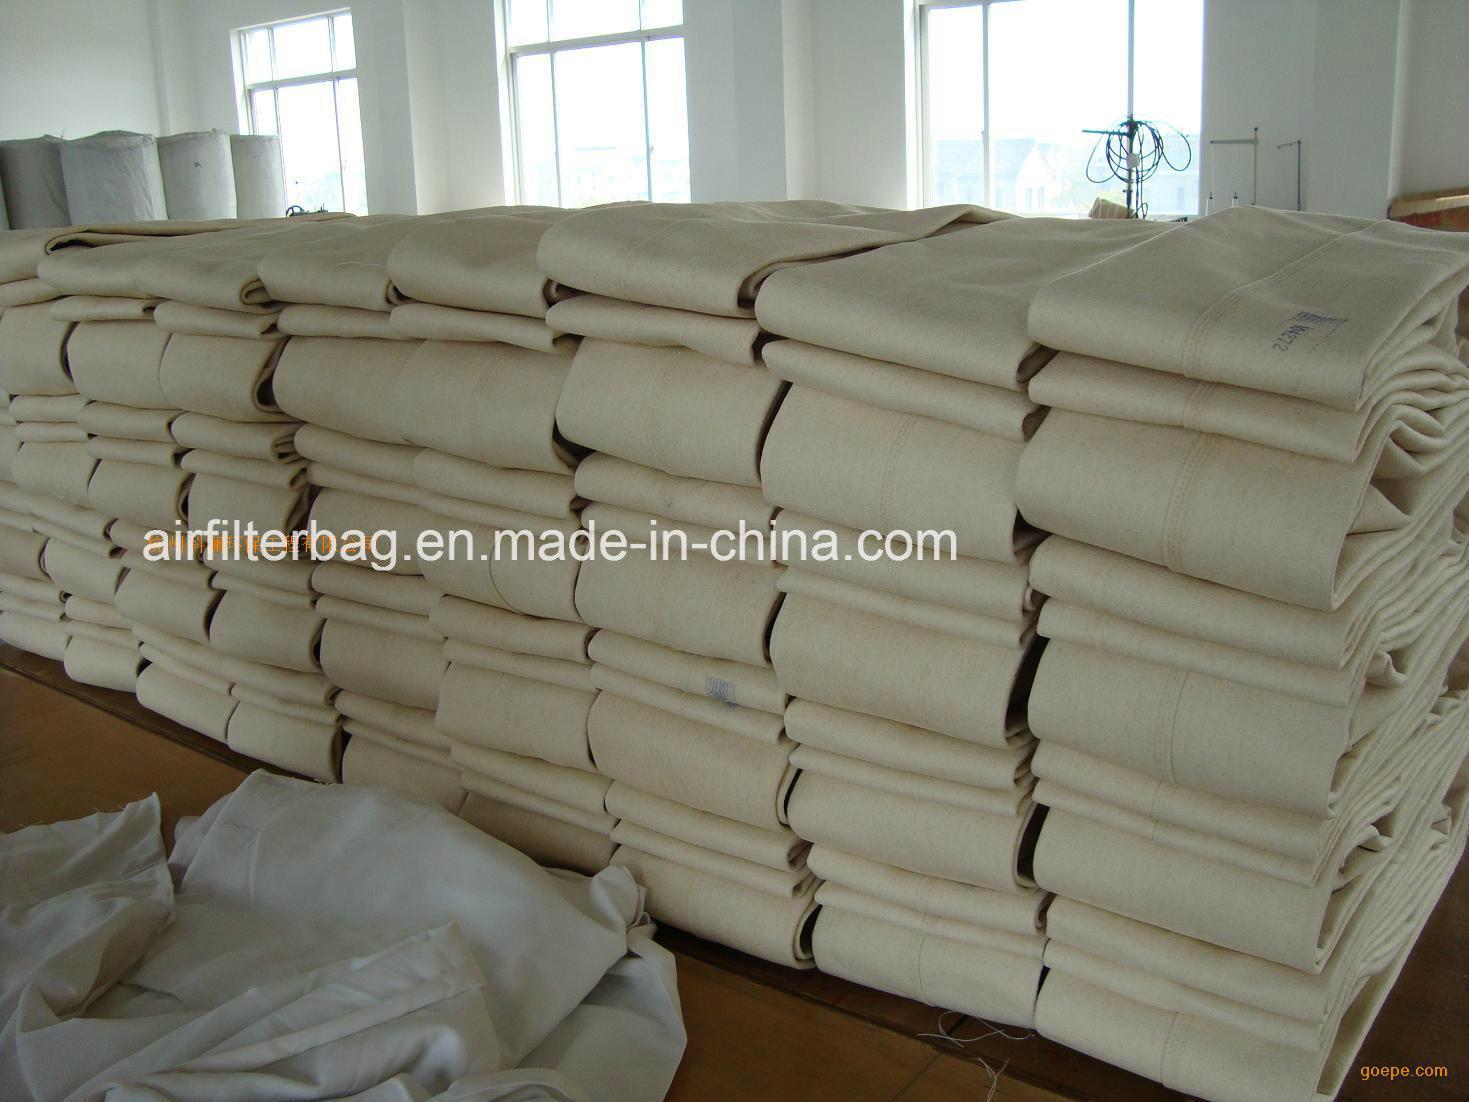 Aramid Needle Felt/Filter Media/Filter Cloth (Air Filter)